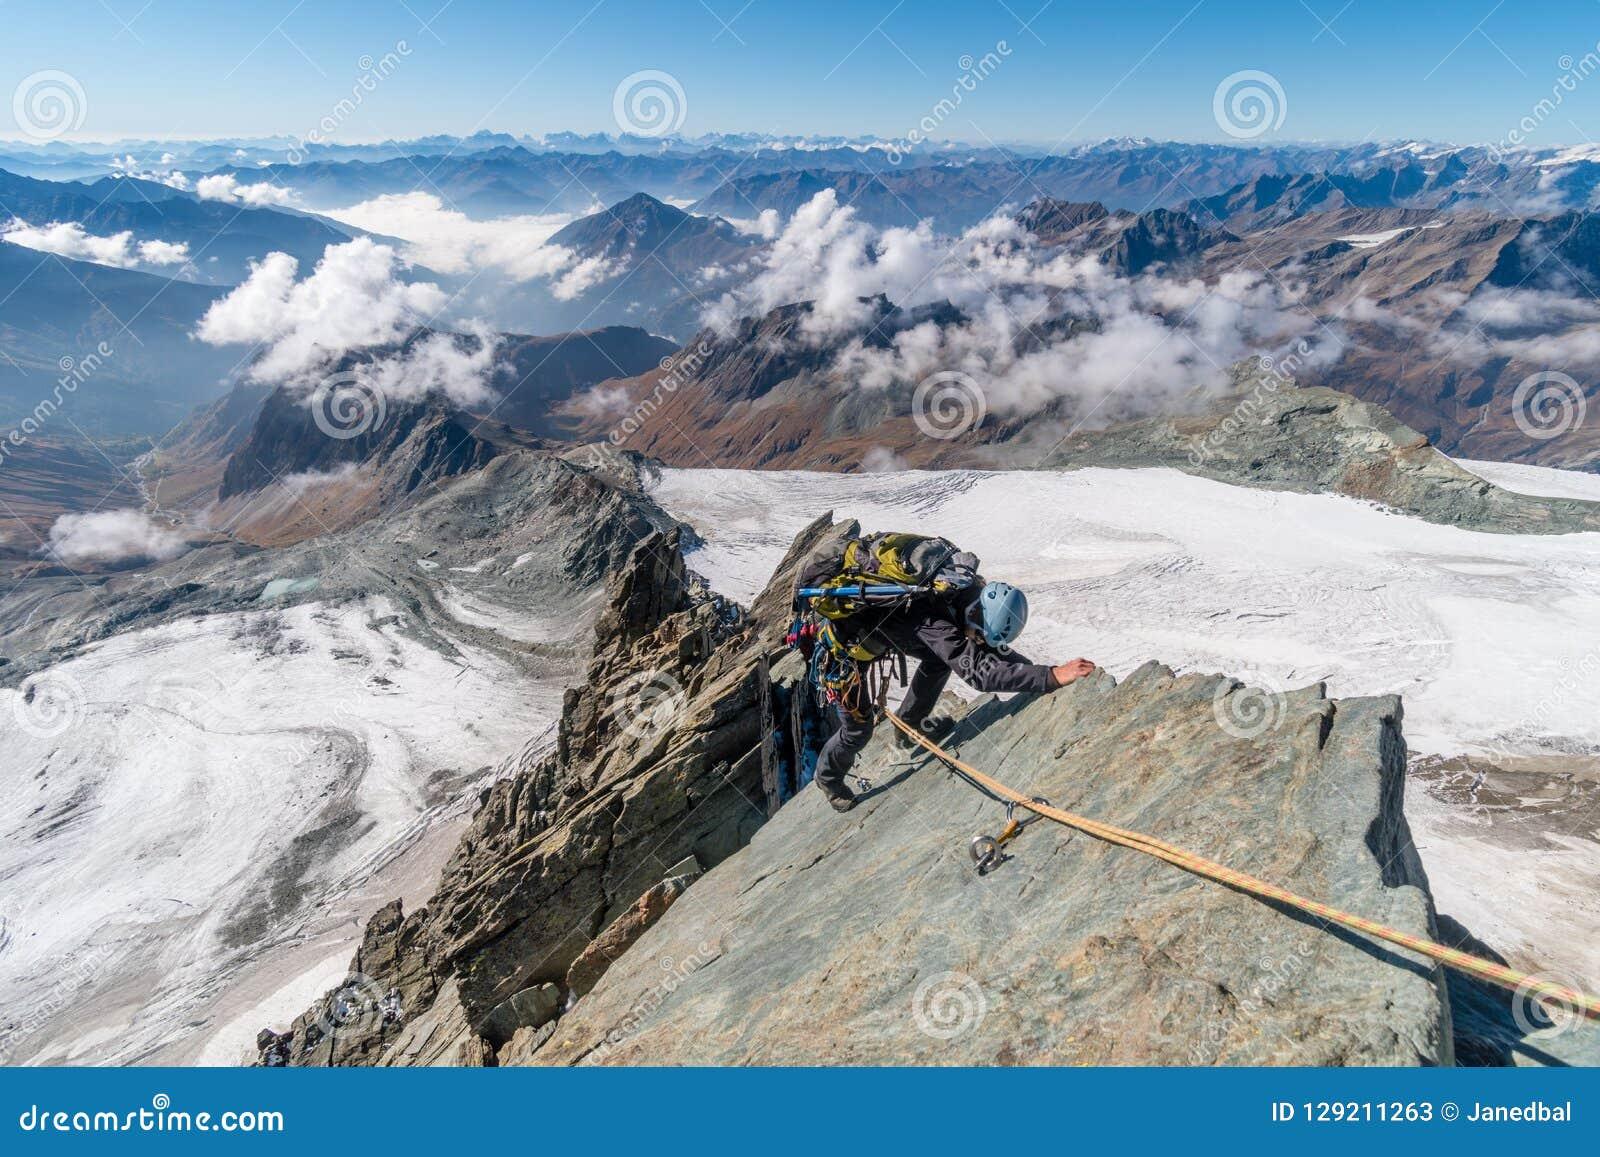 Ορειβάτης βράχου στην κορυφογραμμή Studlgrat σε Grossglockner, υψηλότερο βουνό στην Αυστρία